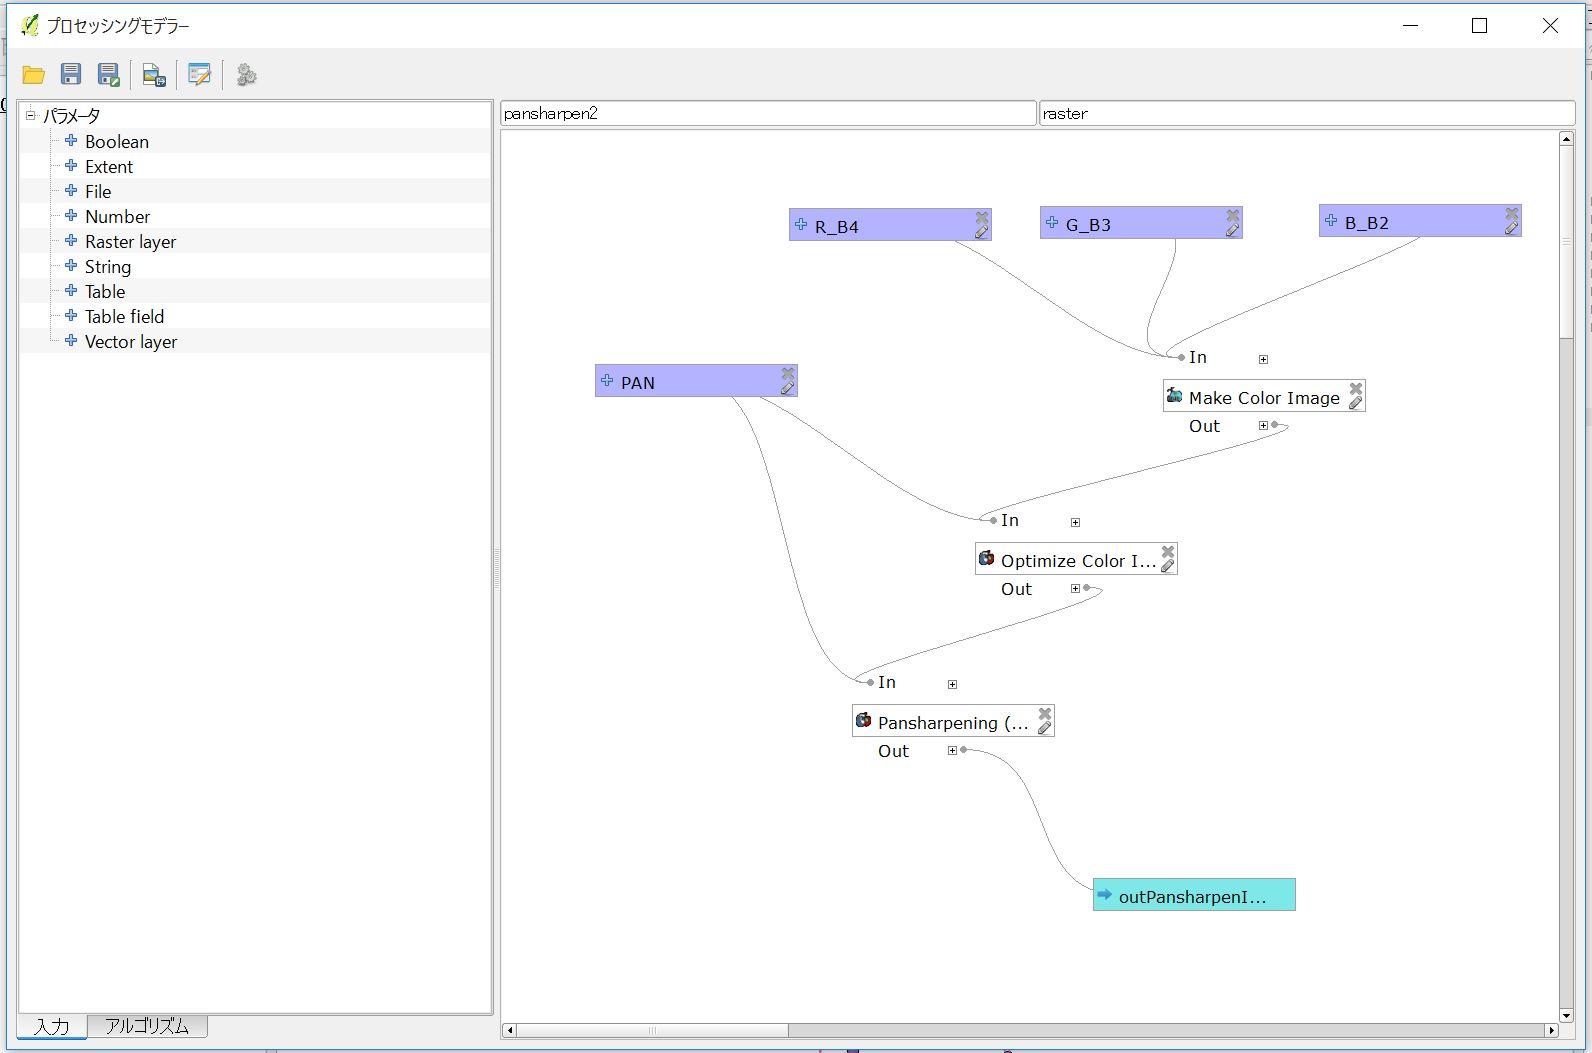 graphical_modeler.JPG